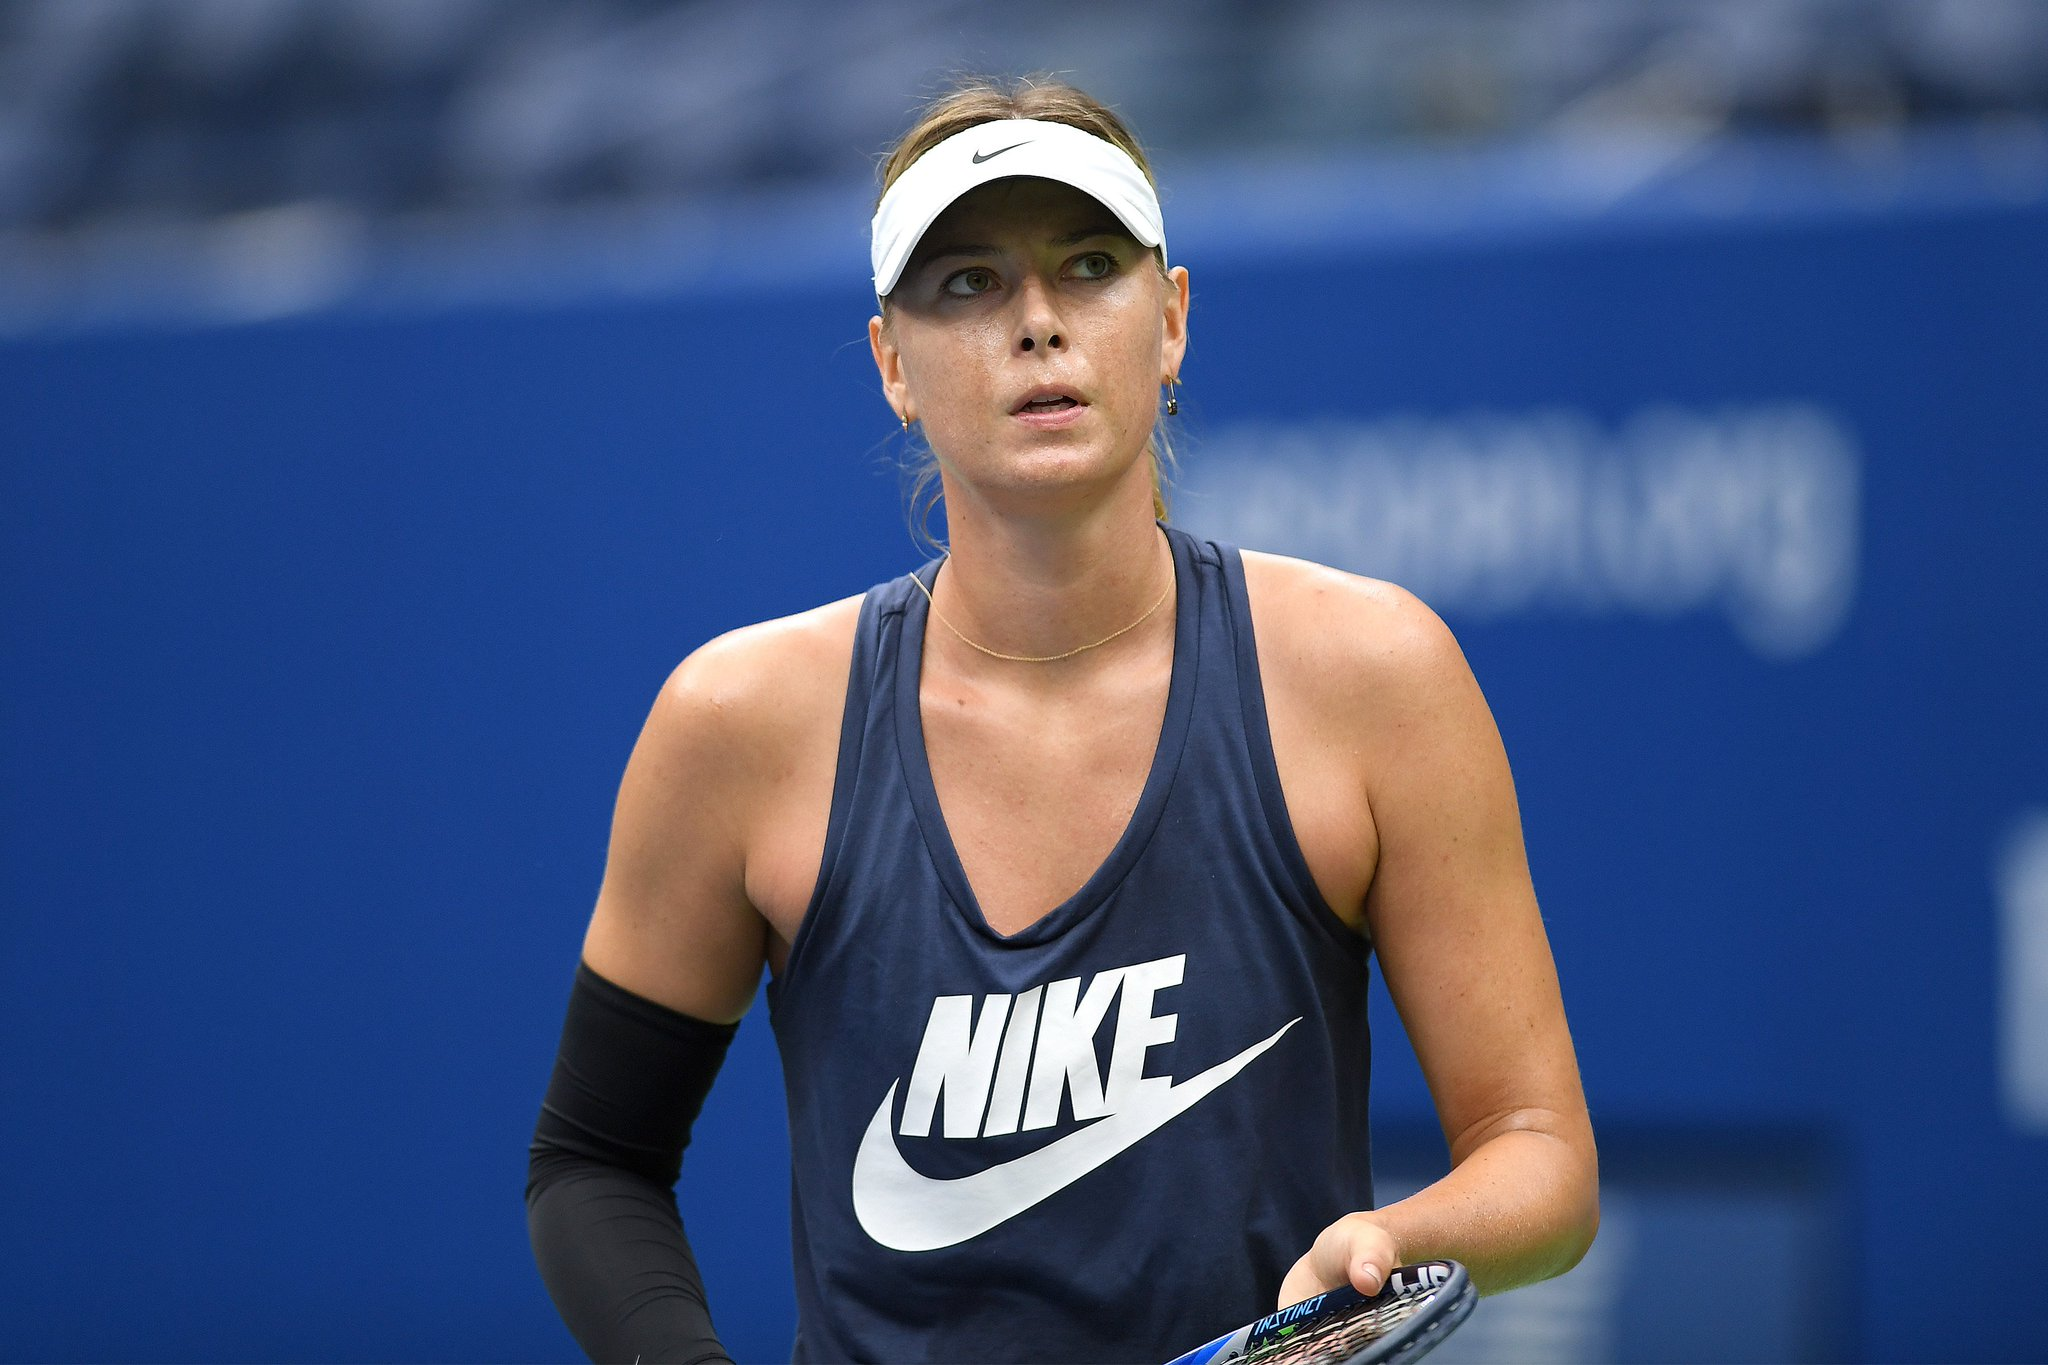 Мария Шарапова обыграла вторую ракетку мира Симону Халеп наUS Open